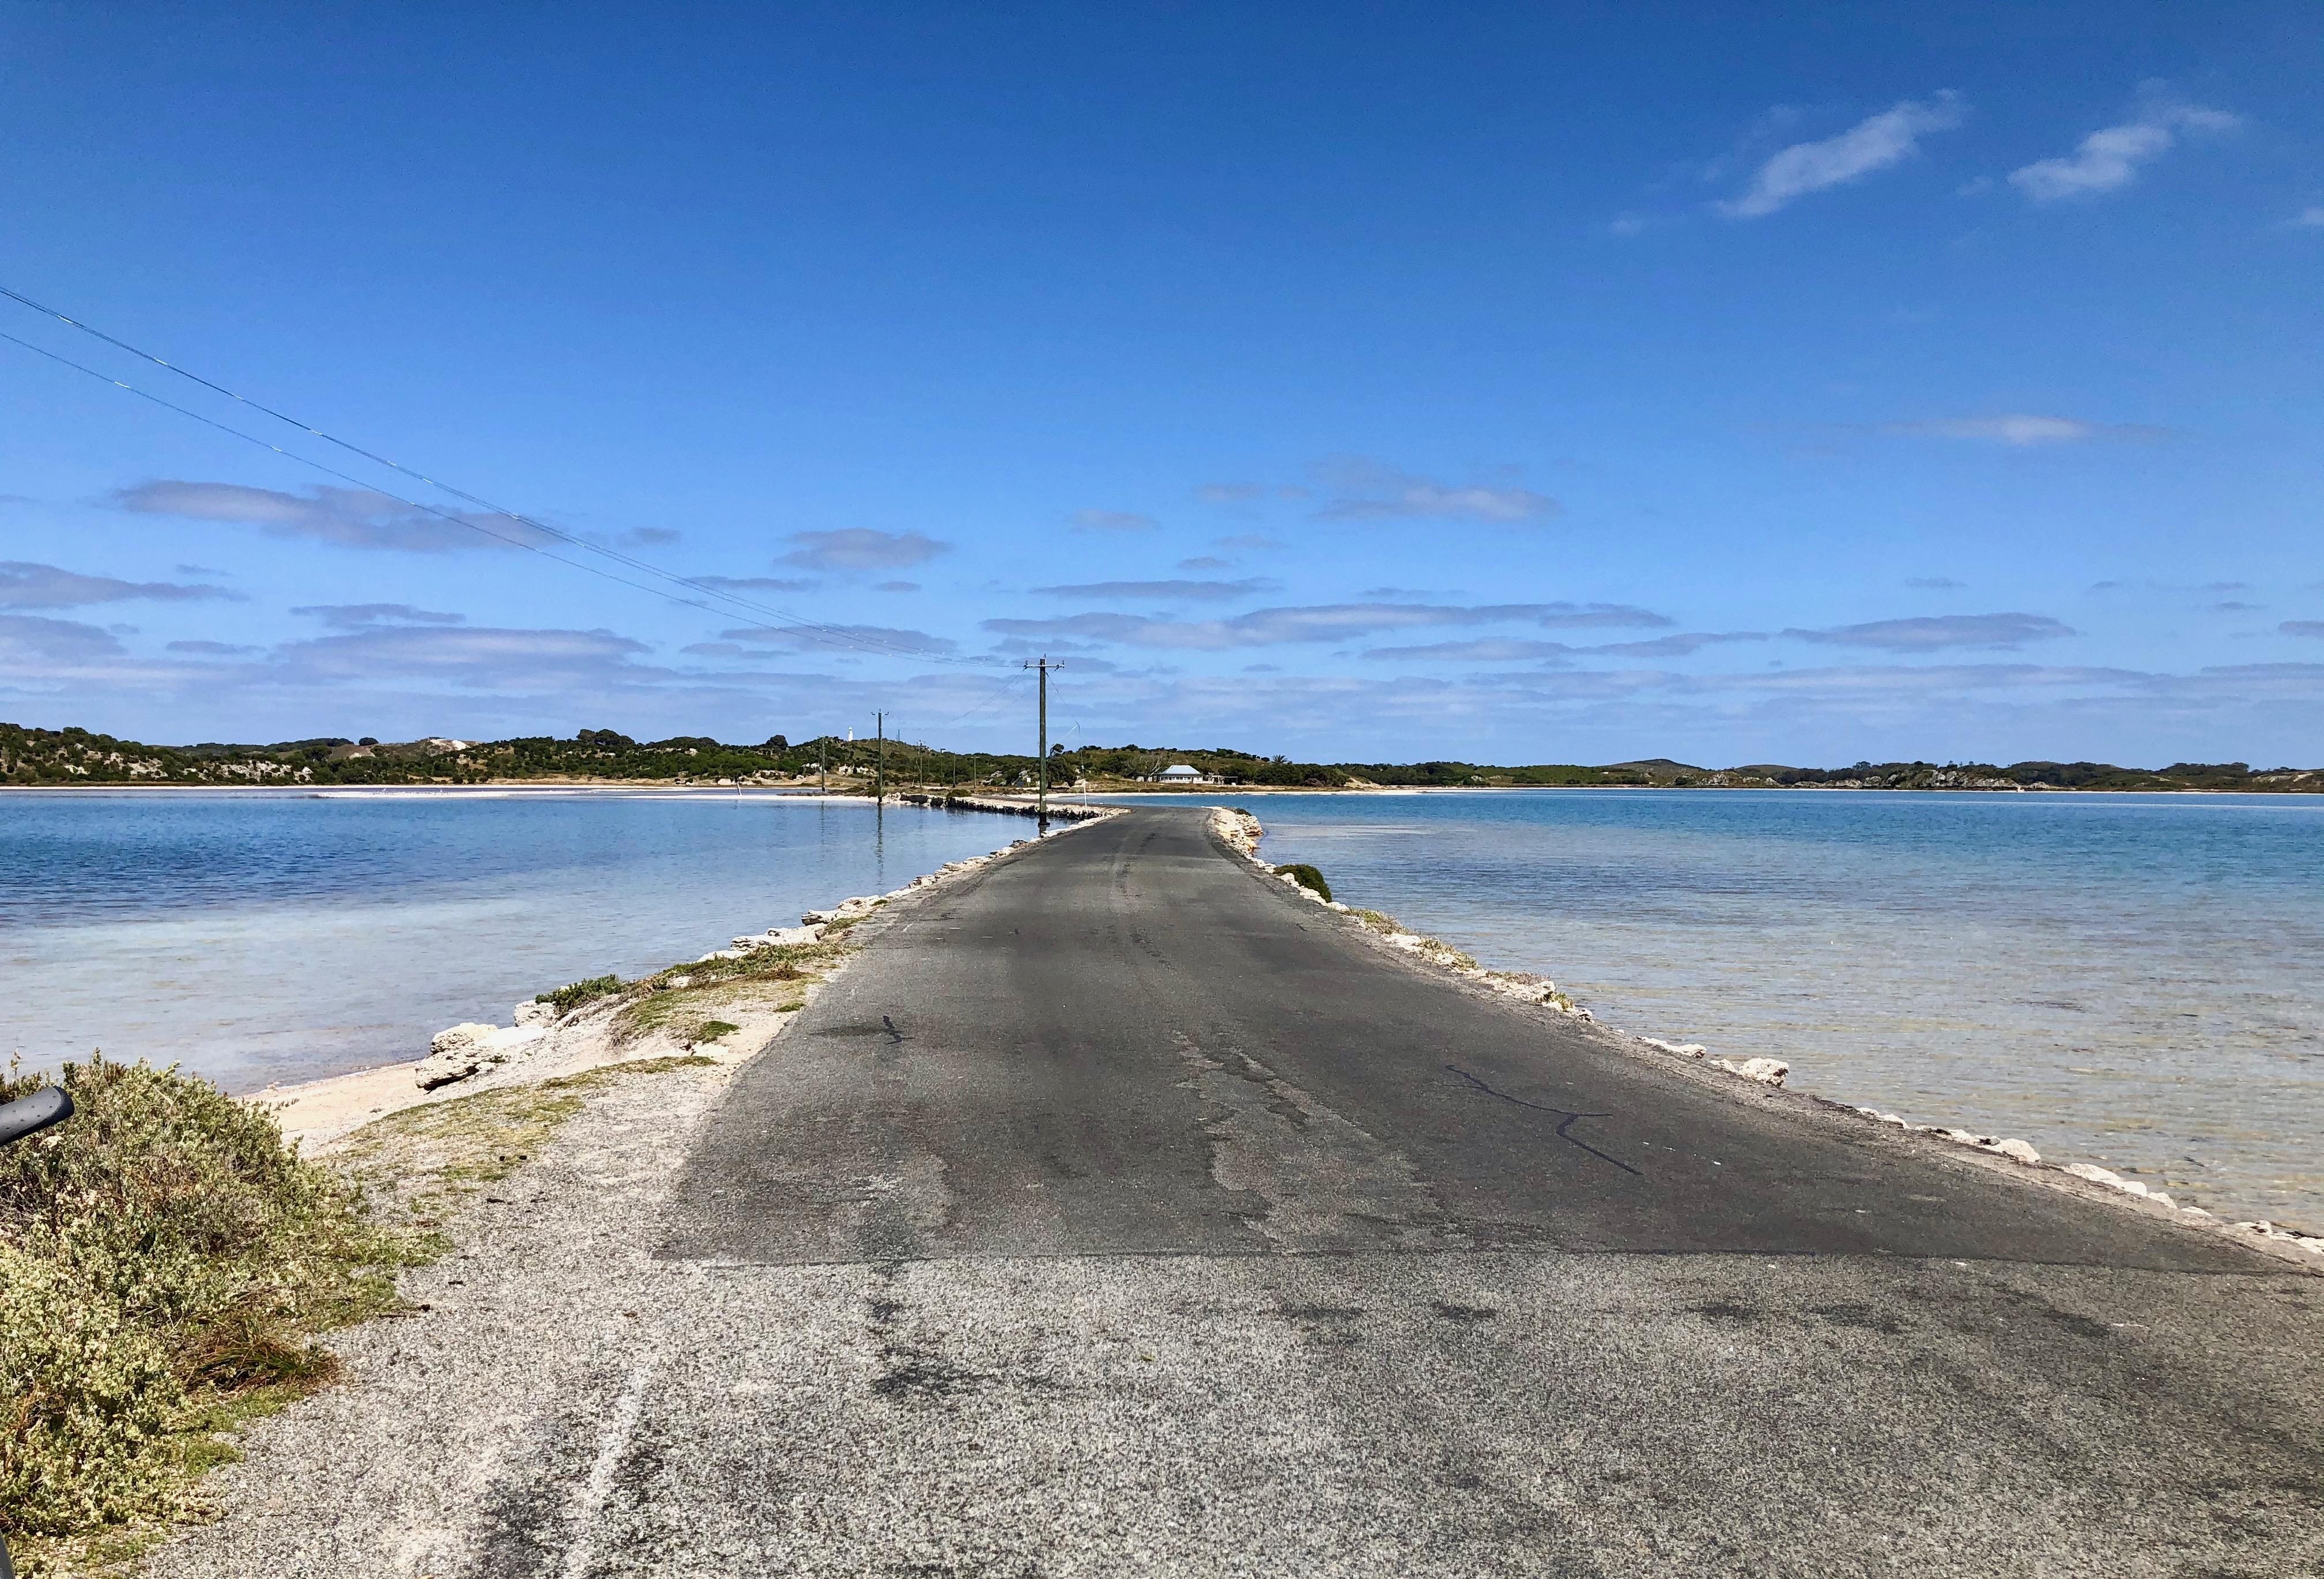 オーストラリア,パース,ロットネスト島,クオッカ,フェリー,行き方,一人旅,バックパッカー,女性,サイクリング,電動自転車